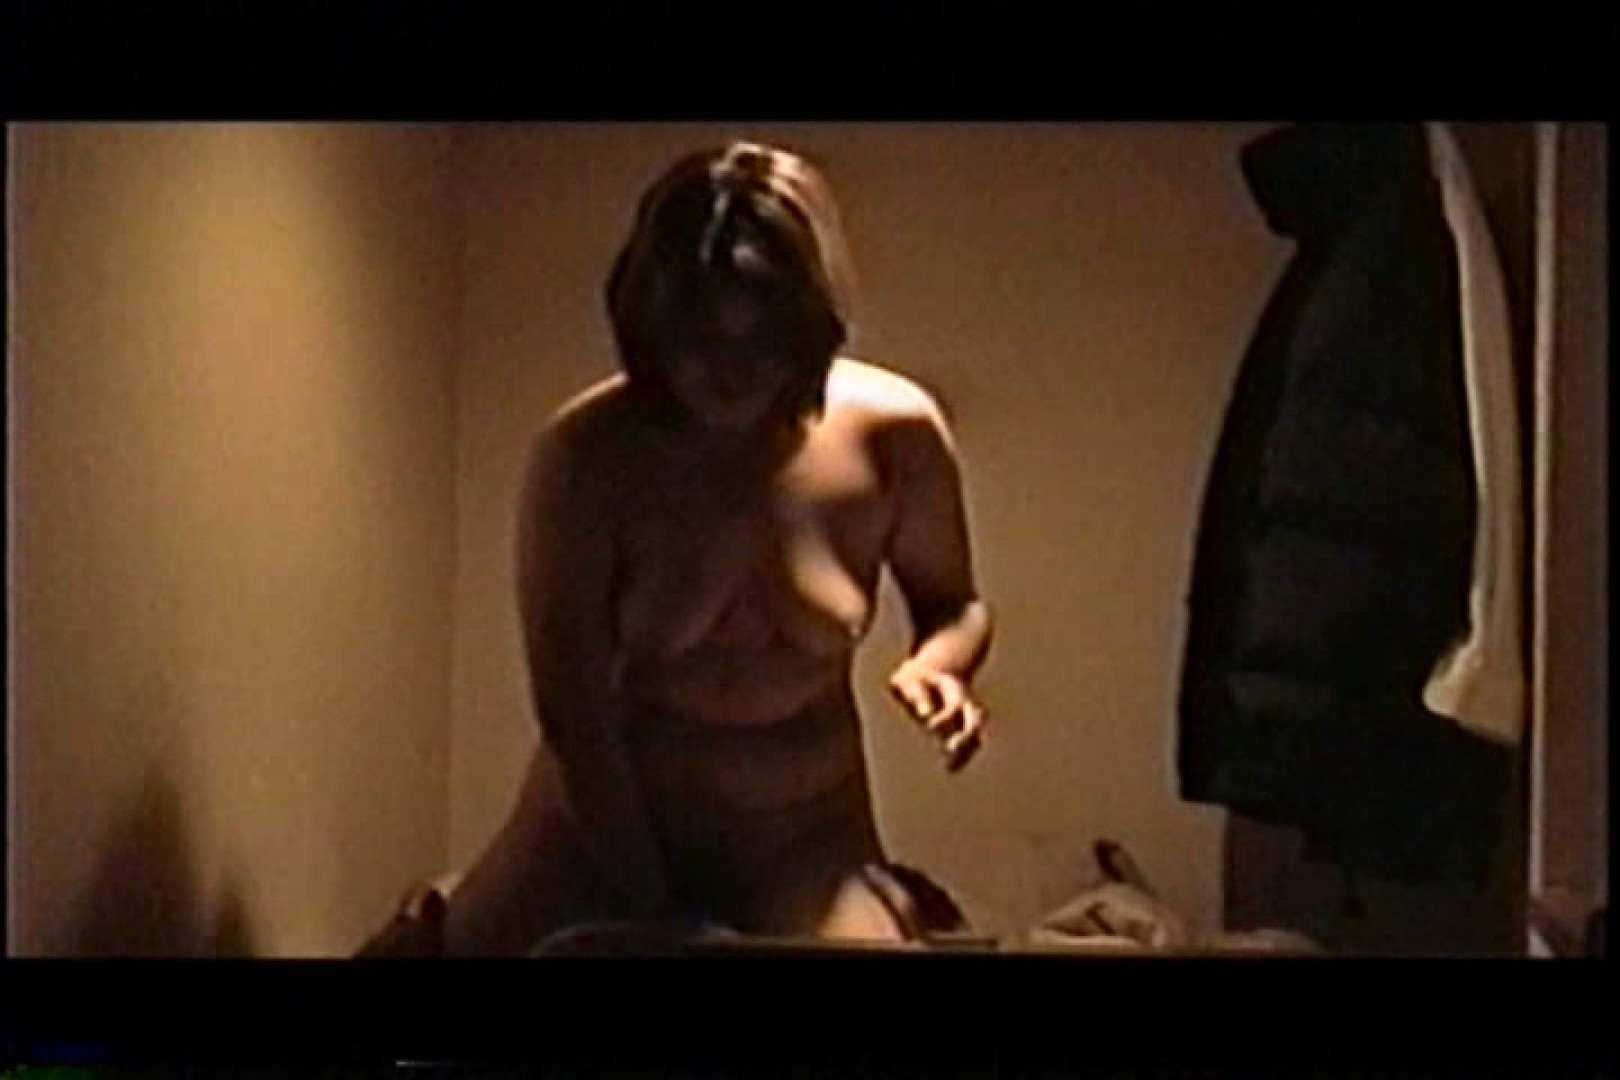 デリ嬢マル秘撮り本物投稿版② ギャル達のオマンコ | ギャルの乳首  55画像 44